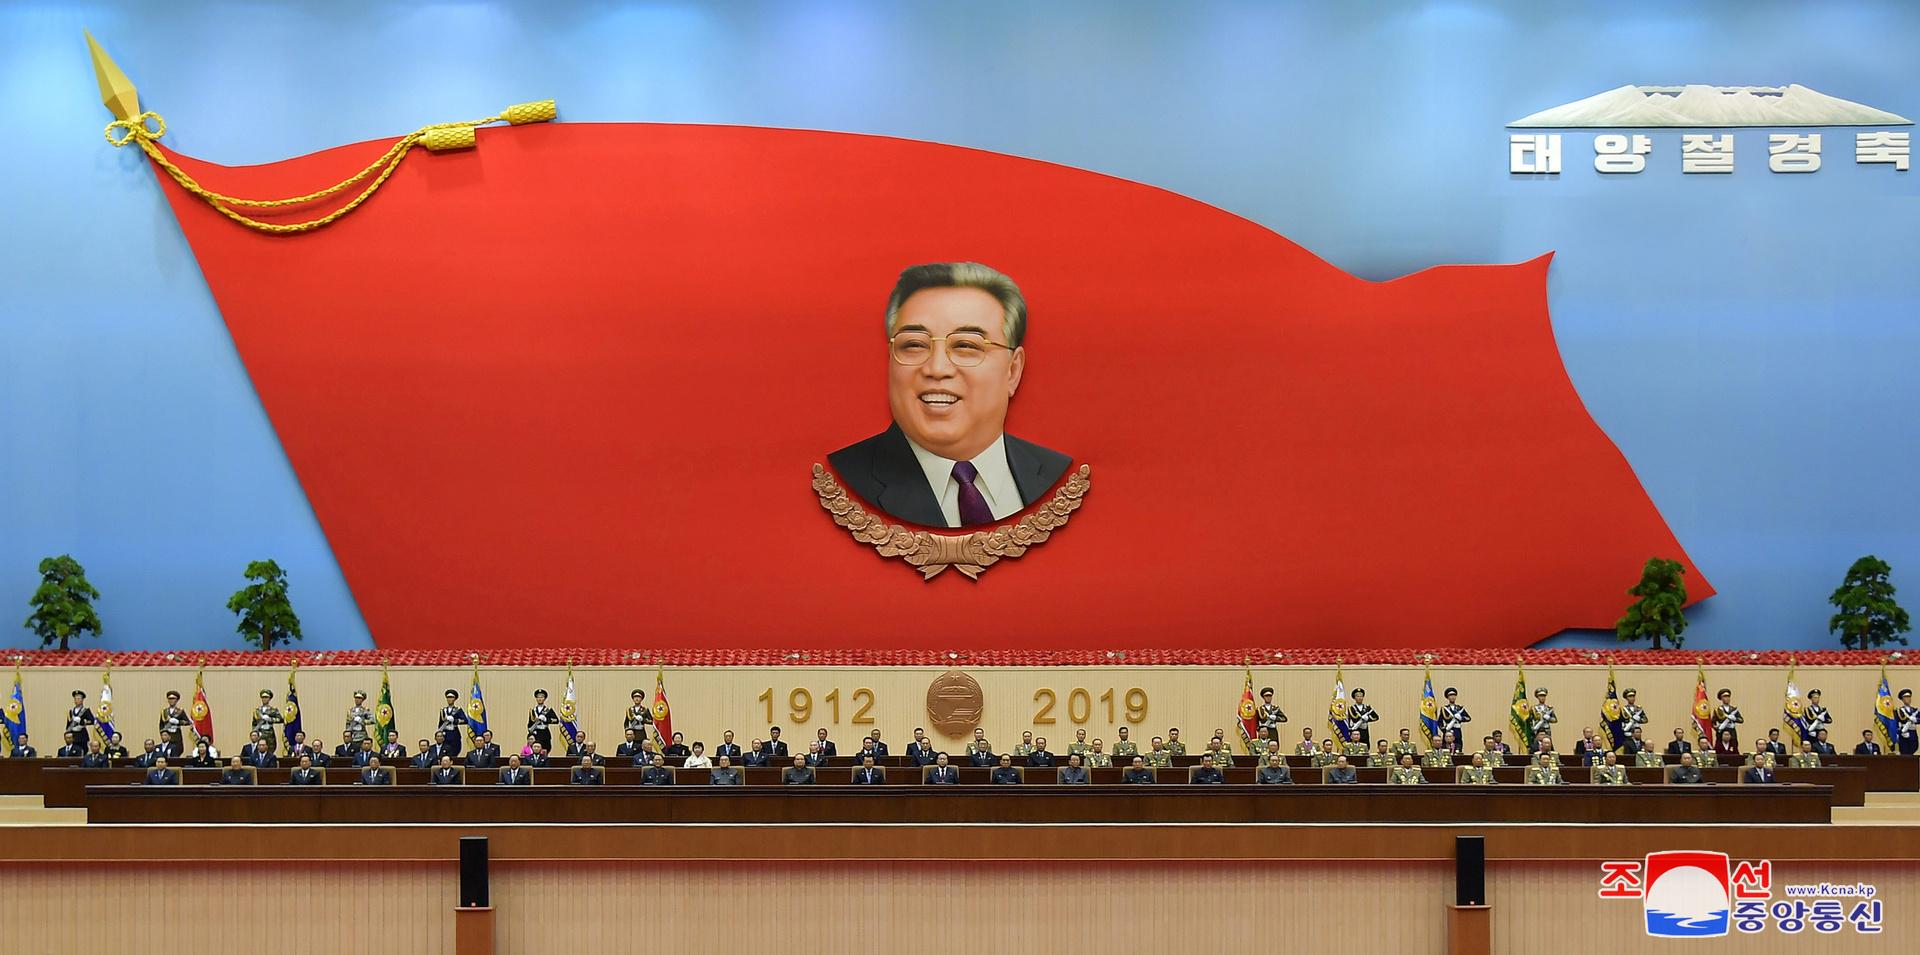 بيونغ يانغ: واشنطن قد تدفع ثمنا باهظا لكلامها الخبيث